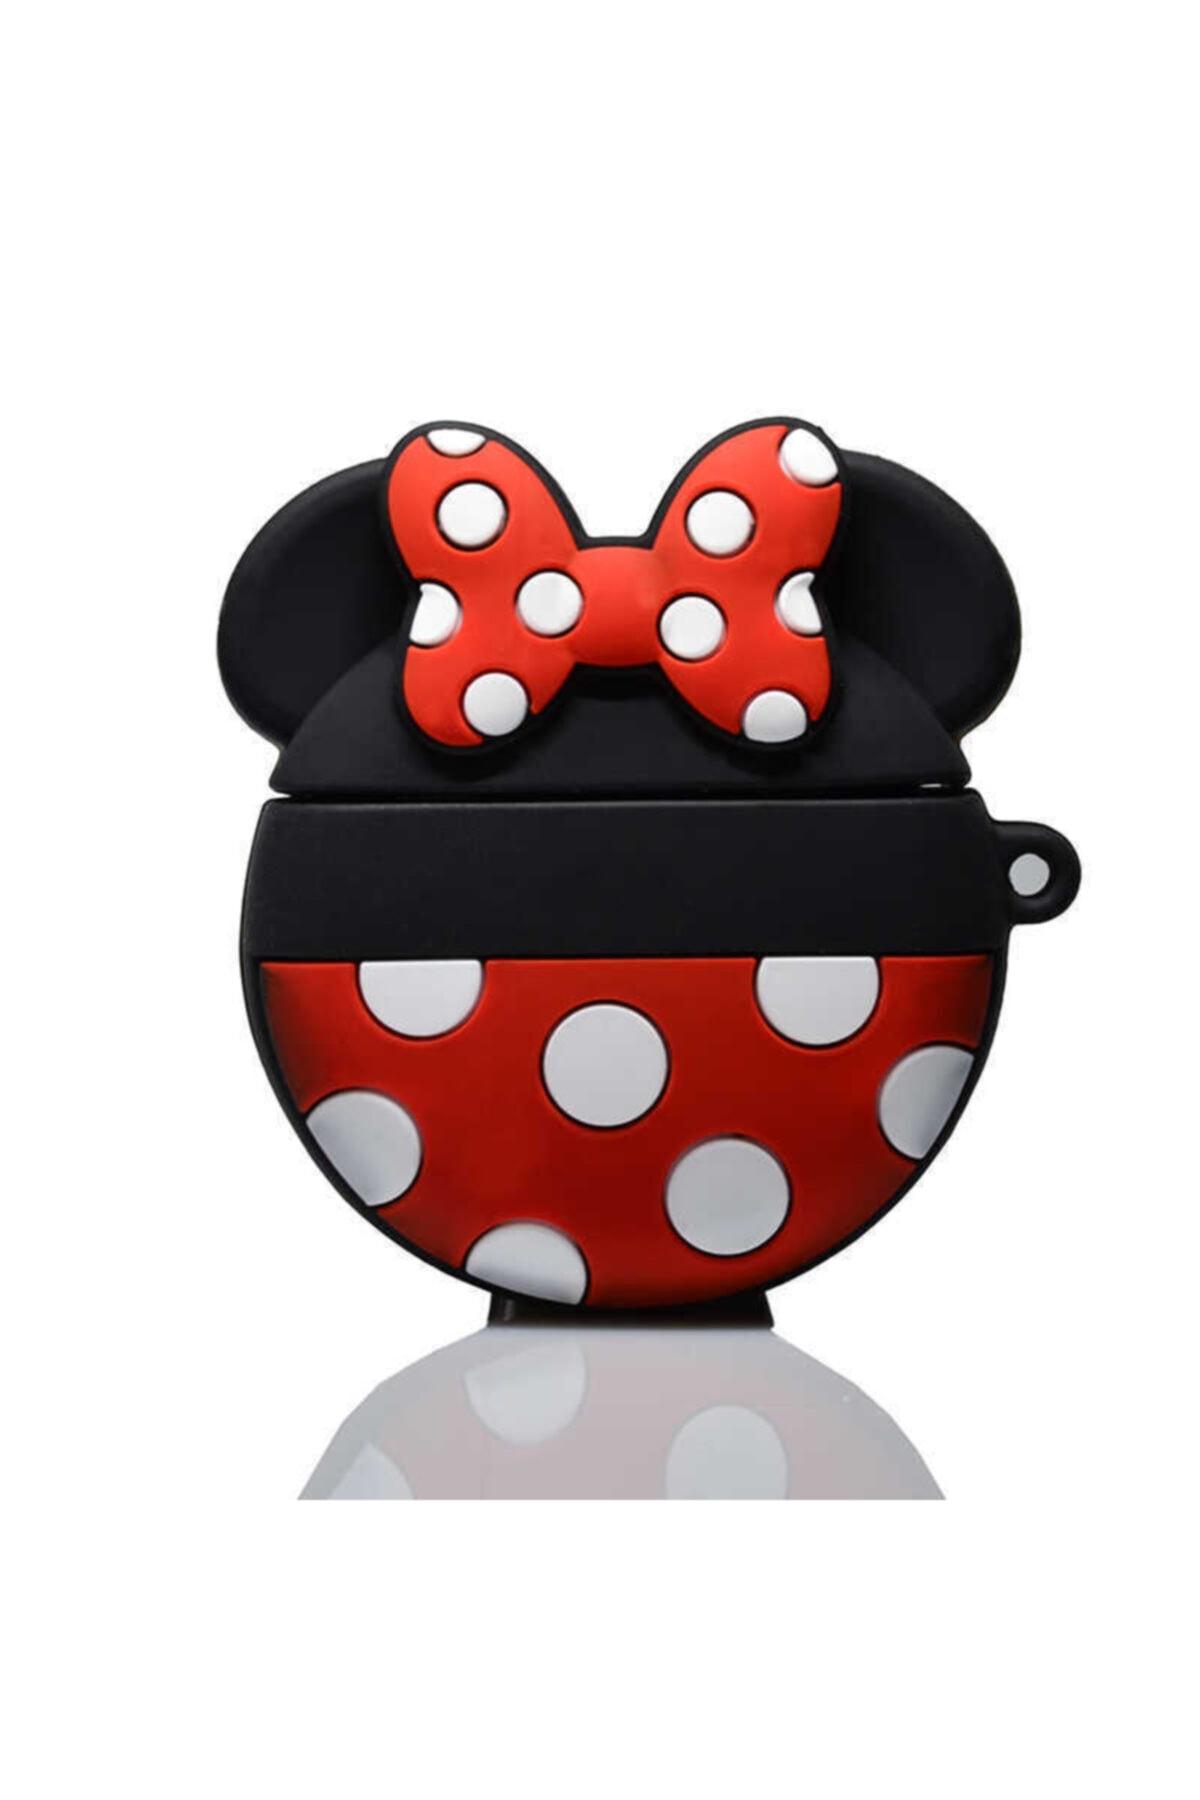 zore Apple Airpods Uyumlu Silikon Mickey Mouse Figürlü Korumalı Wireless Şarj Destekli Darbe Emici  Kılıf 1